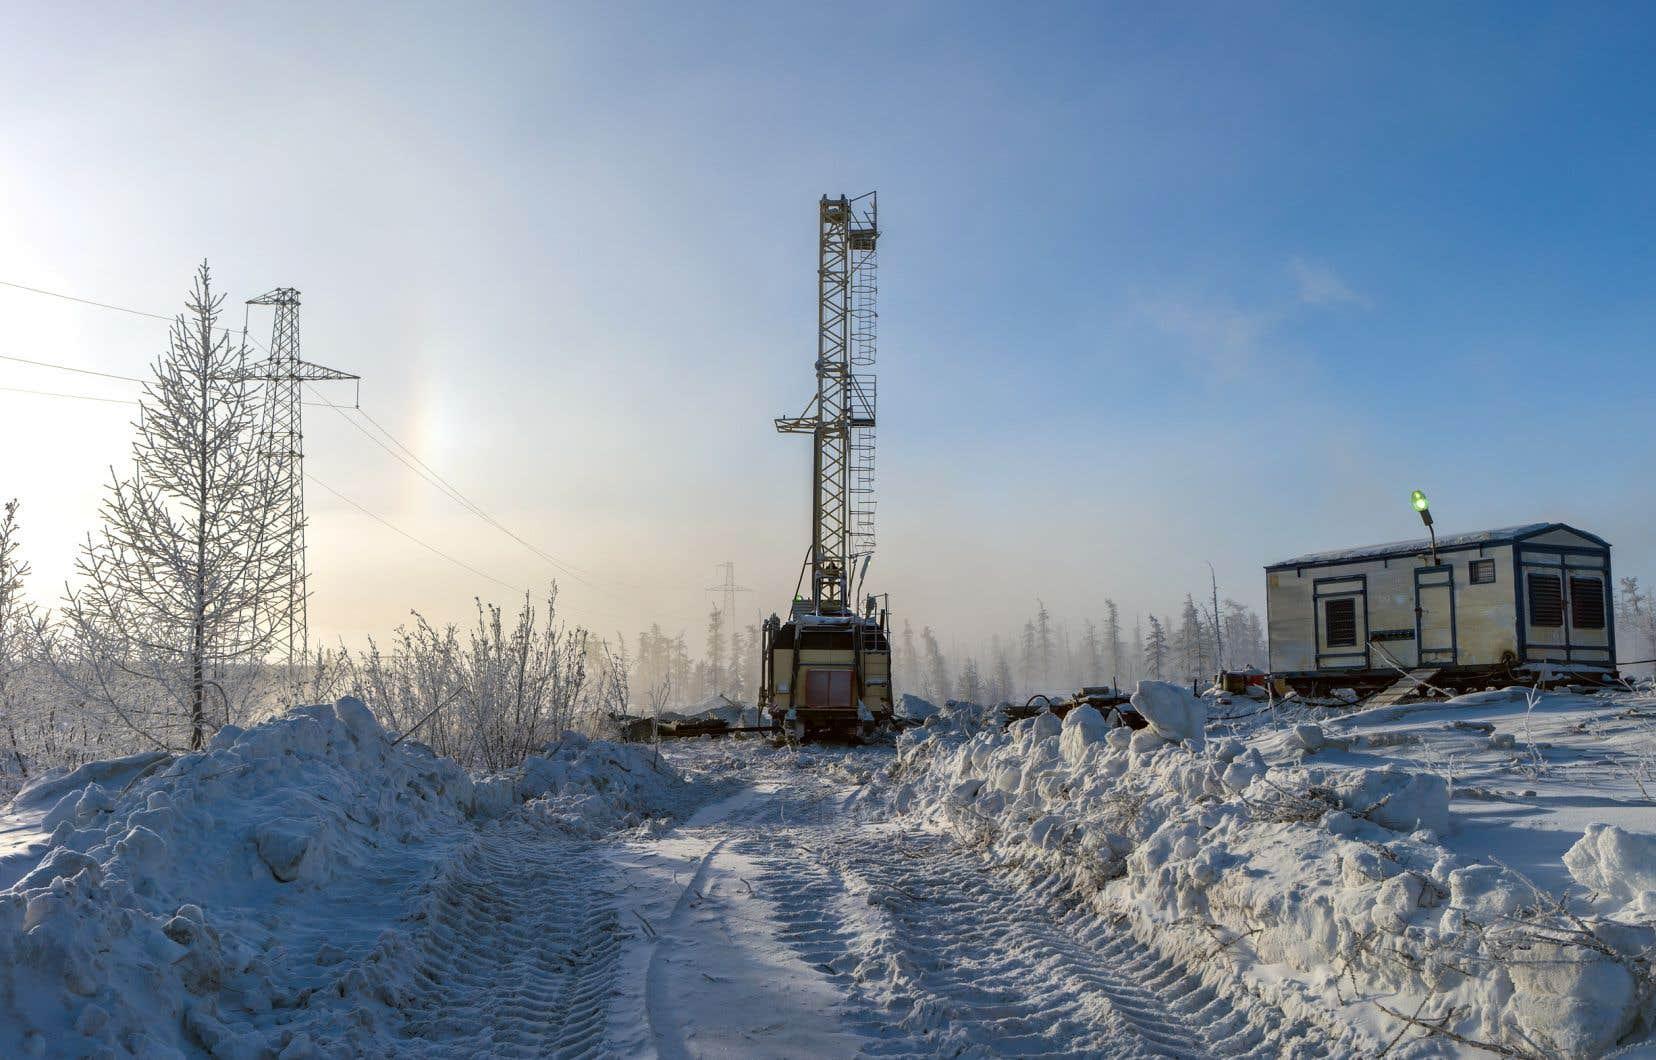 Certains puits en sol québécois ont été forés il y a de cela plusieurs années, voire plusieurs décennies, dont certains par des entreprises privées qui ont cessé d'exister depuis.